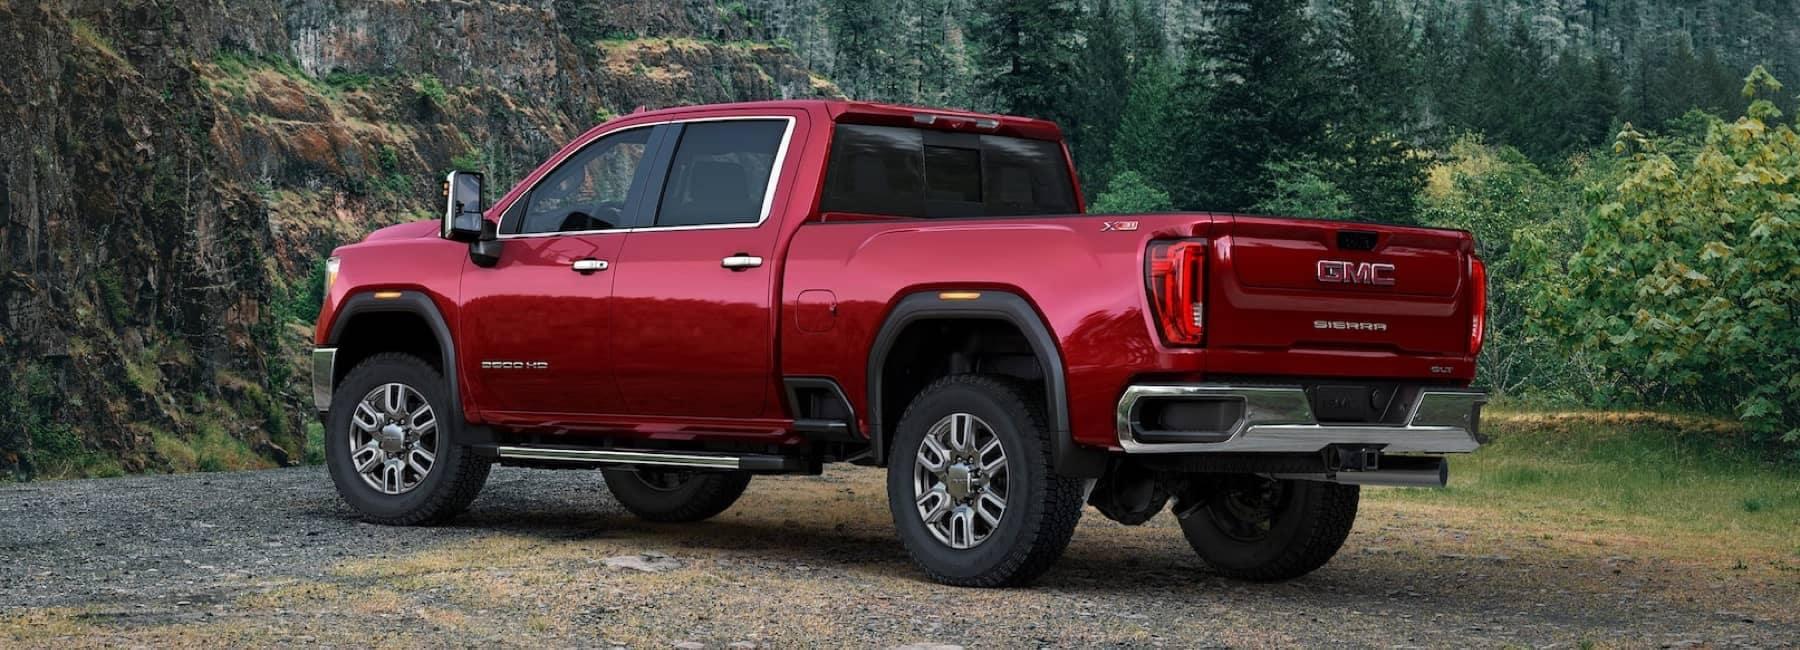 2020 sierra hd red truck outside